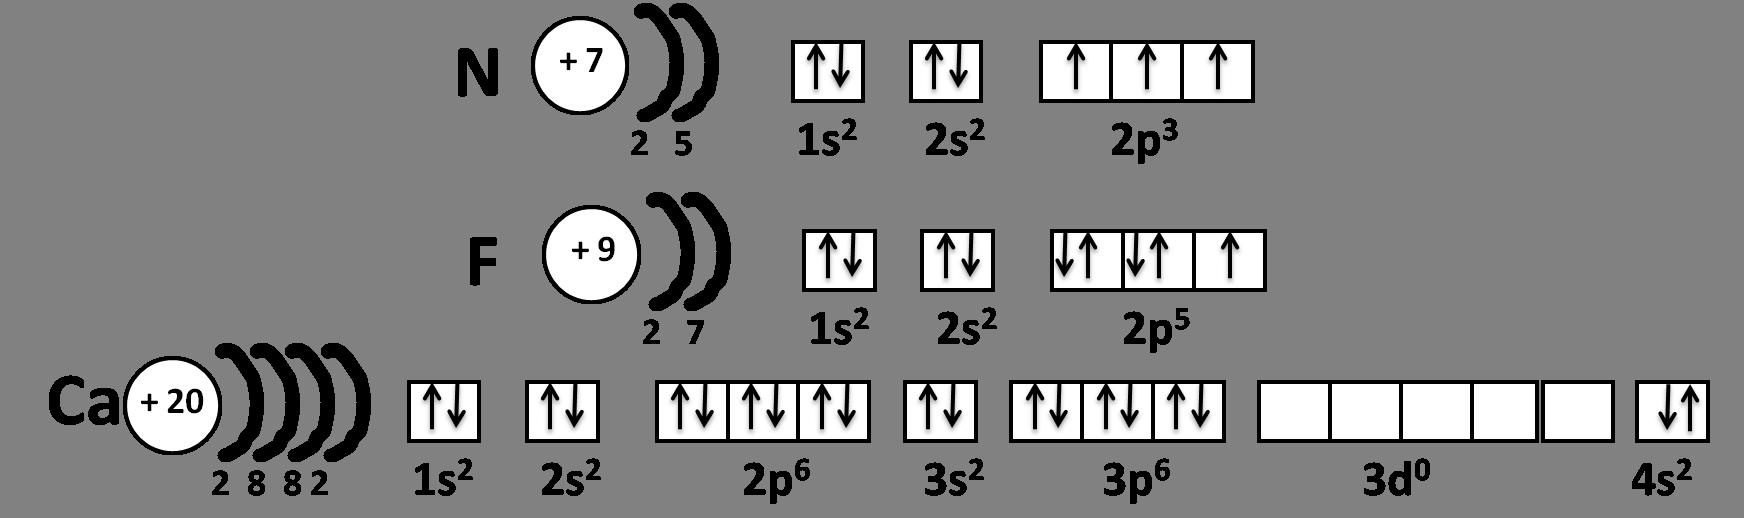 Электрографическая схема строения атома